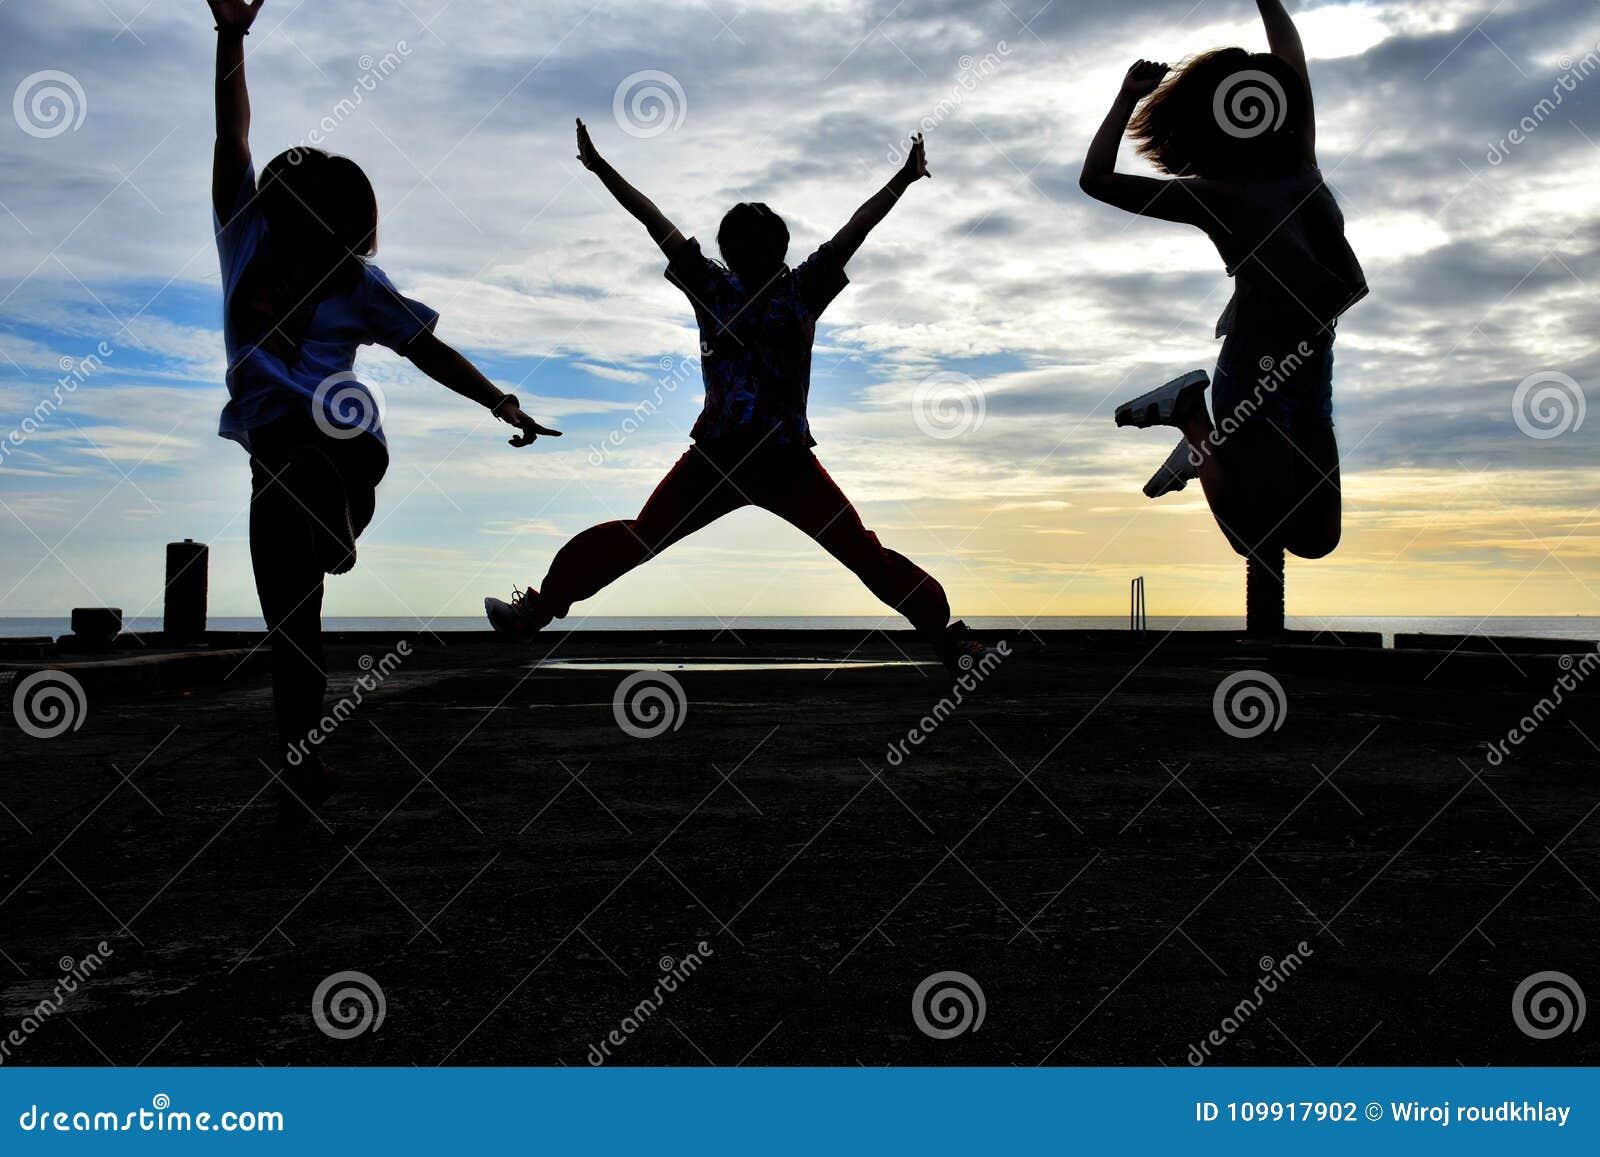 Zij springen op de bruggebaren gelijk makend zonreeksen drie vier